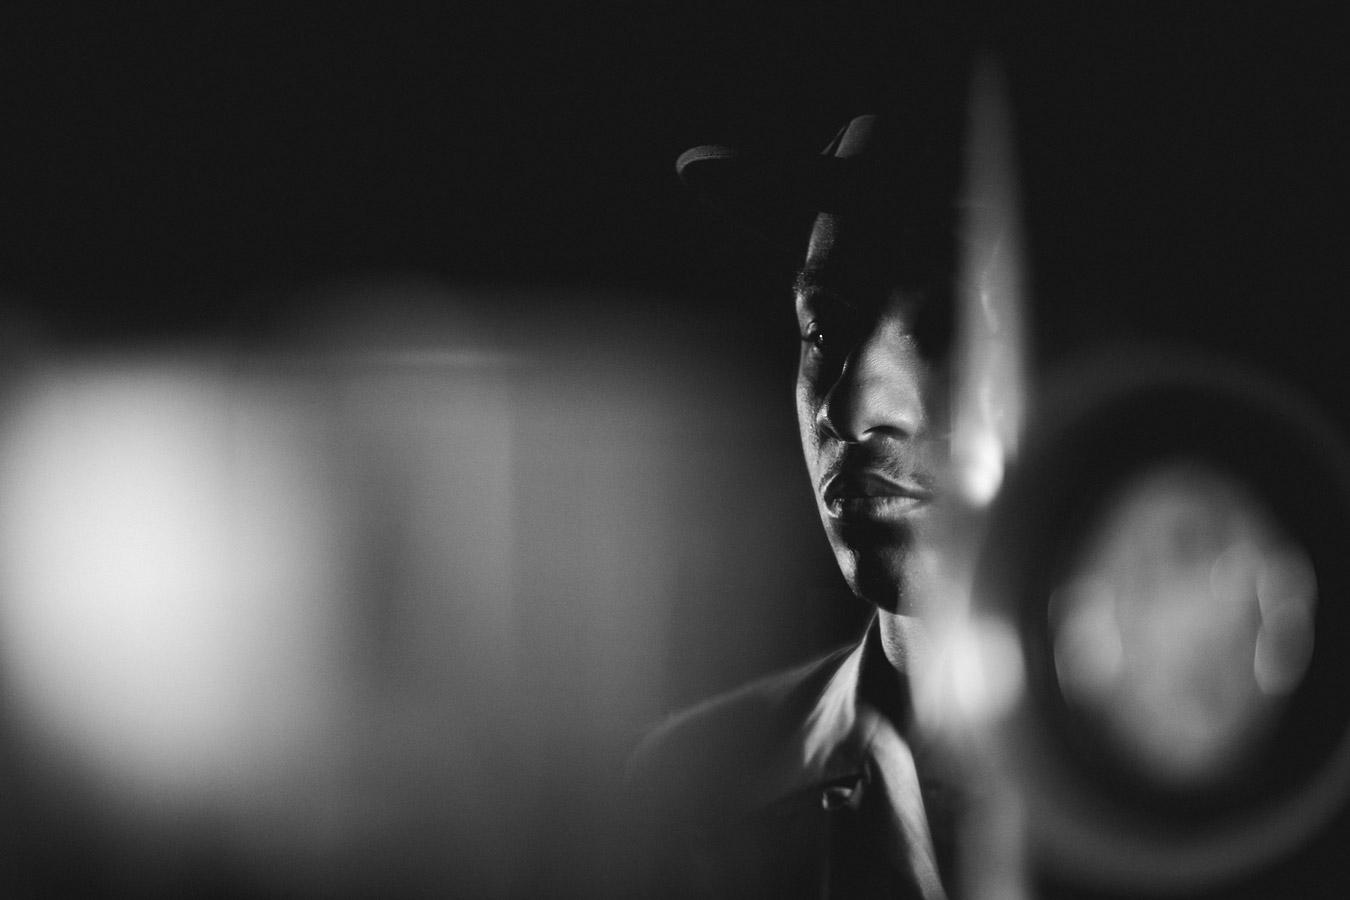 «Без названия», © Келли Элейн / Kelly Elaine, Западный Голливуд, США, Финалист категории «Профессионал: Портреты артистов», Фотоконкурс «Момент музыки»